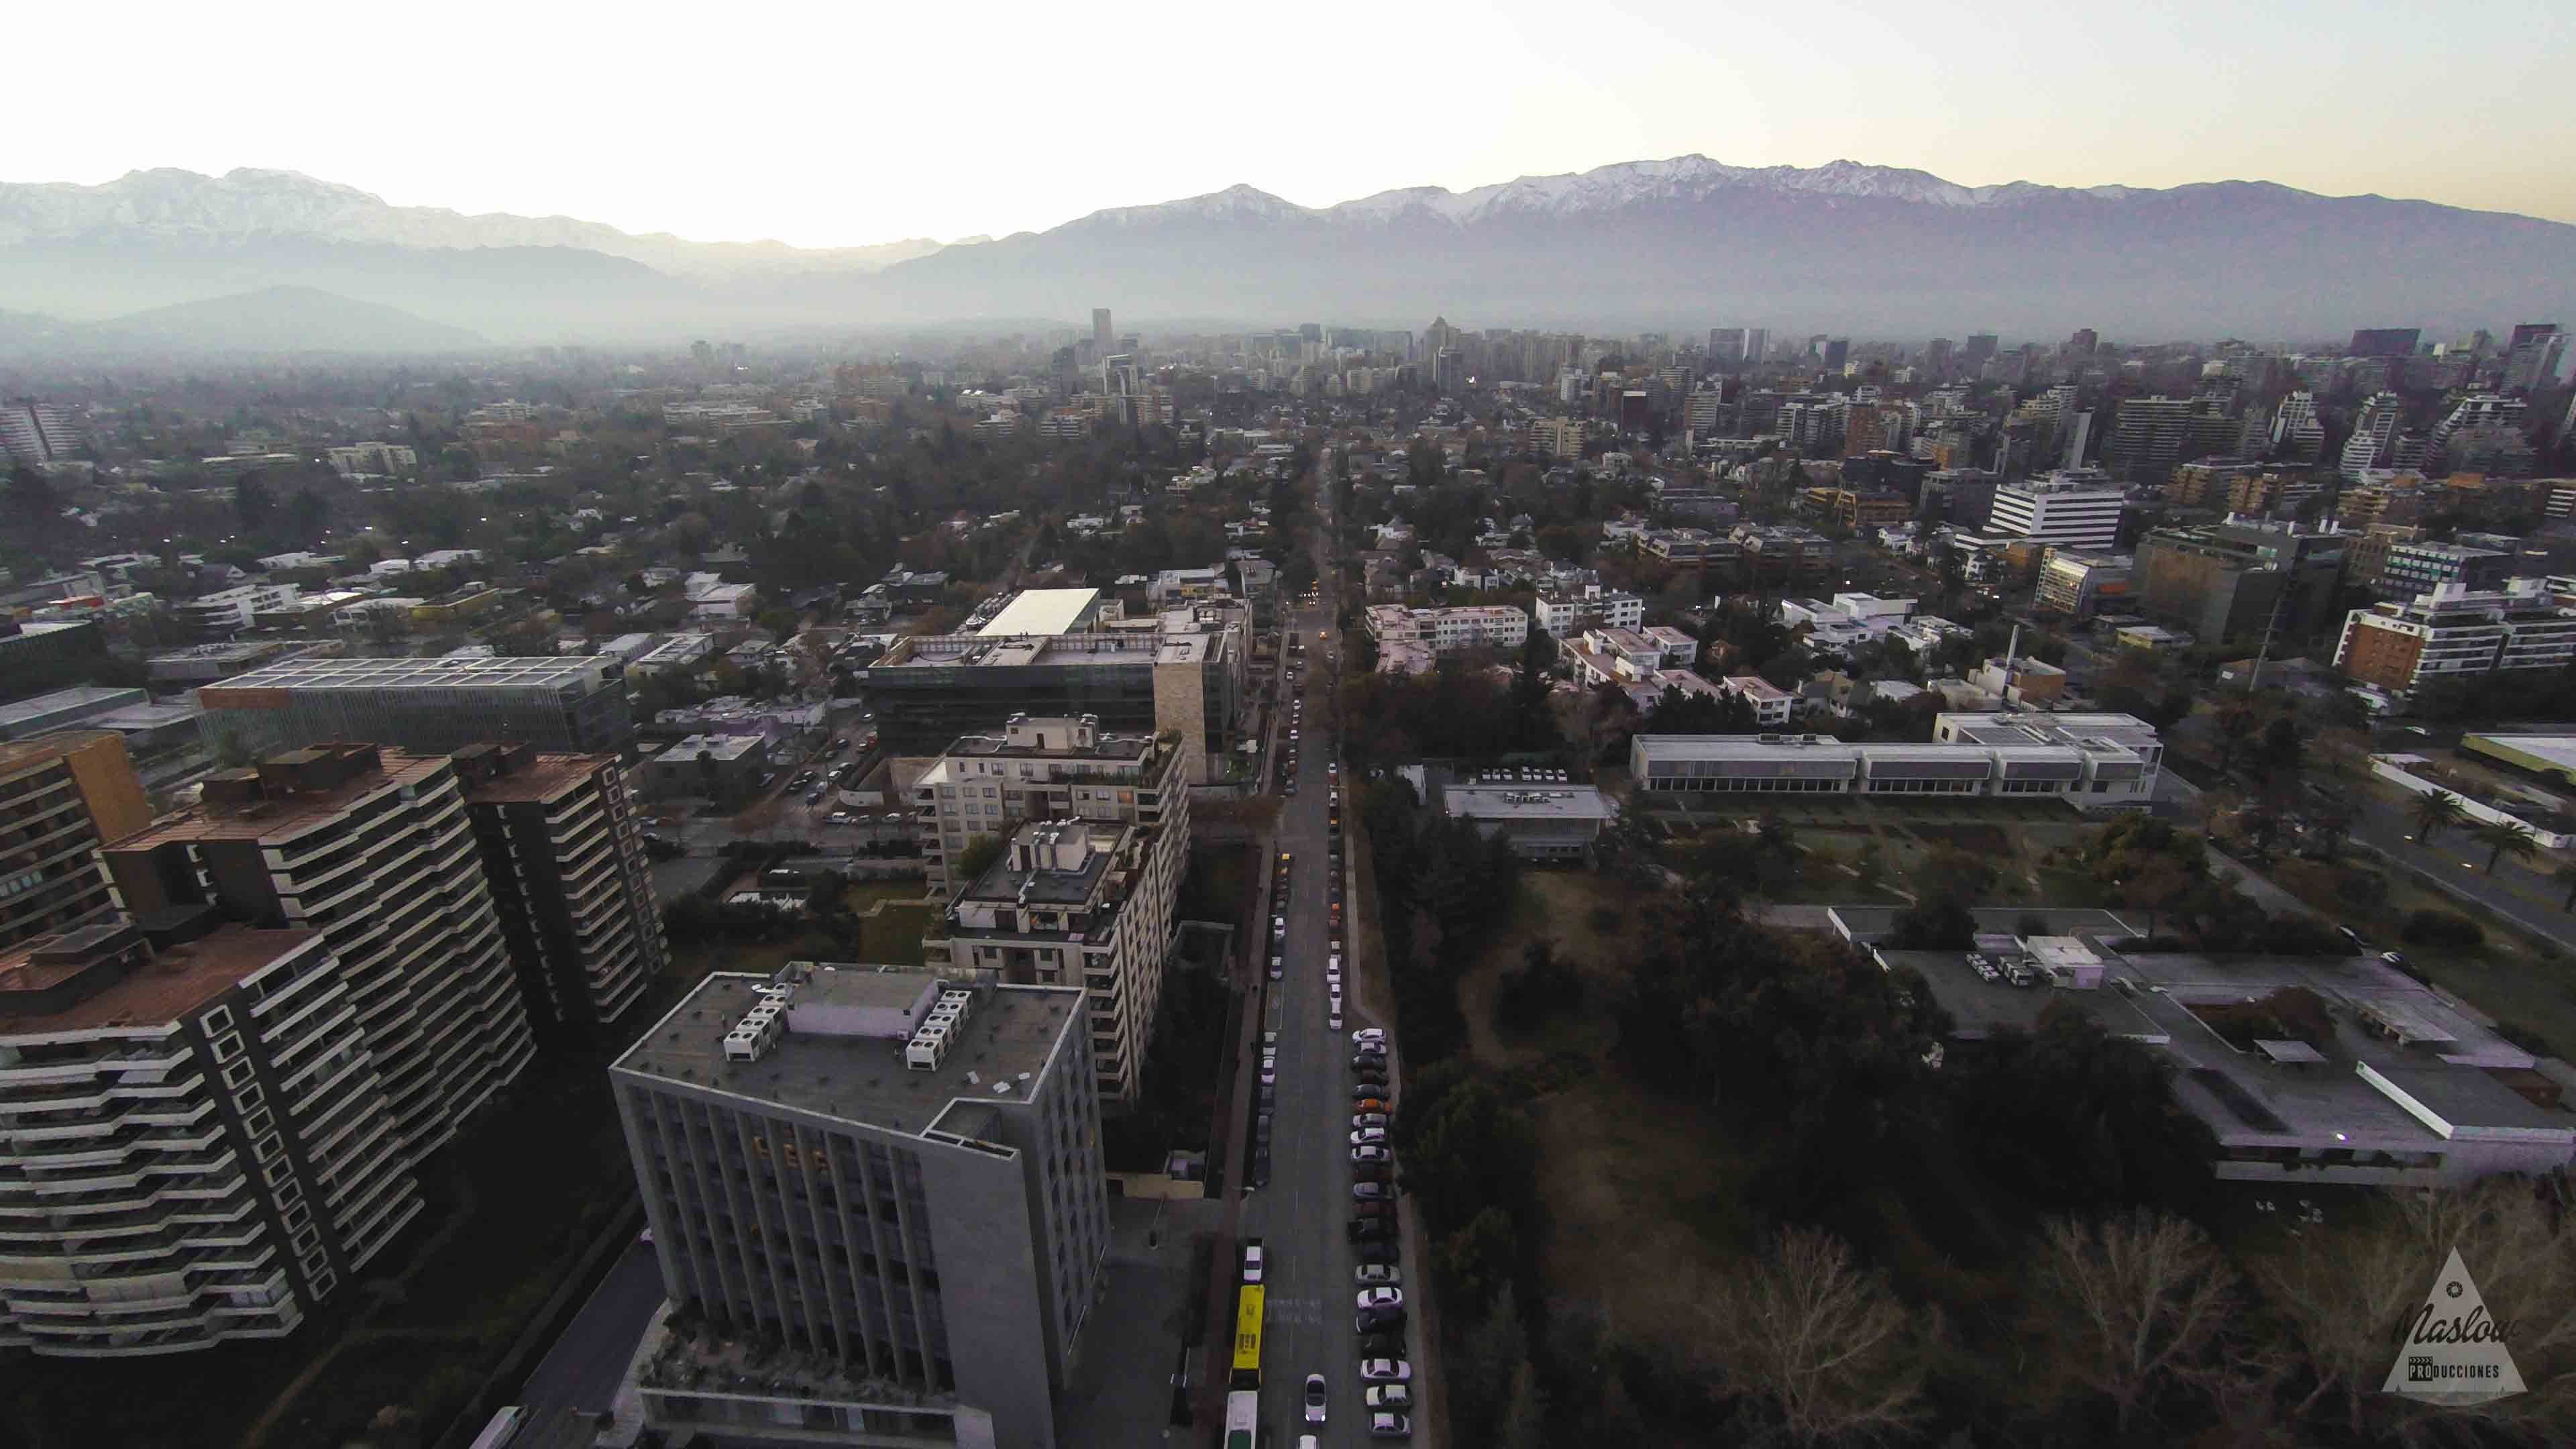 San esteban - Los Andes